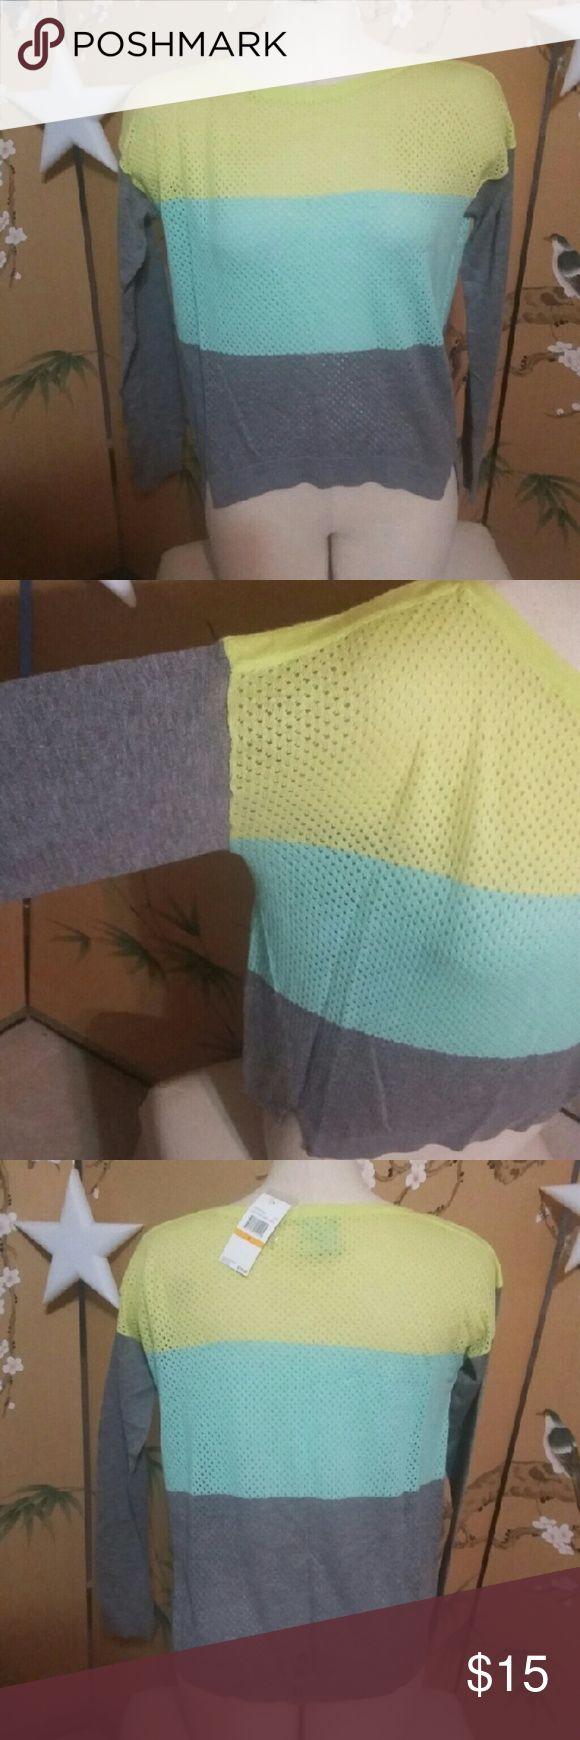 NEW C&C California Sweater sz.S NEW C&C California Sweater sz.S New w. tag C&C California Sweaters